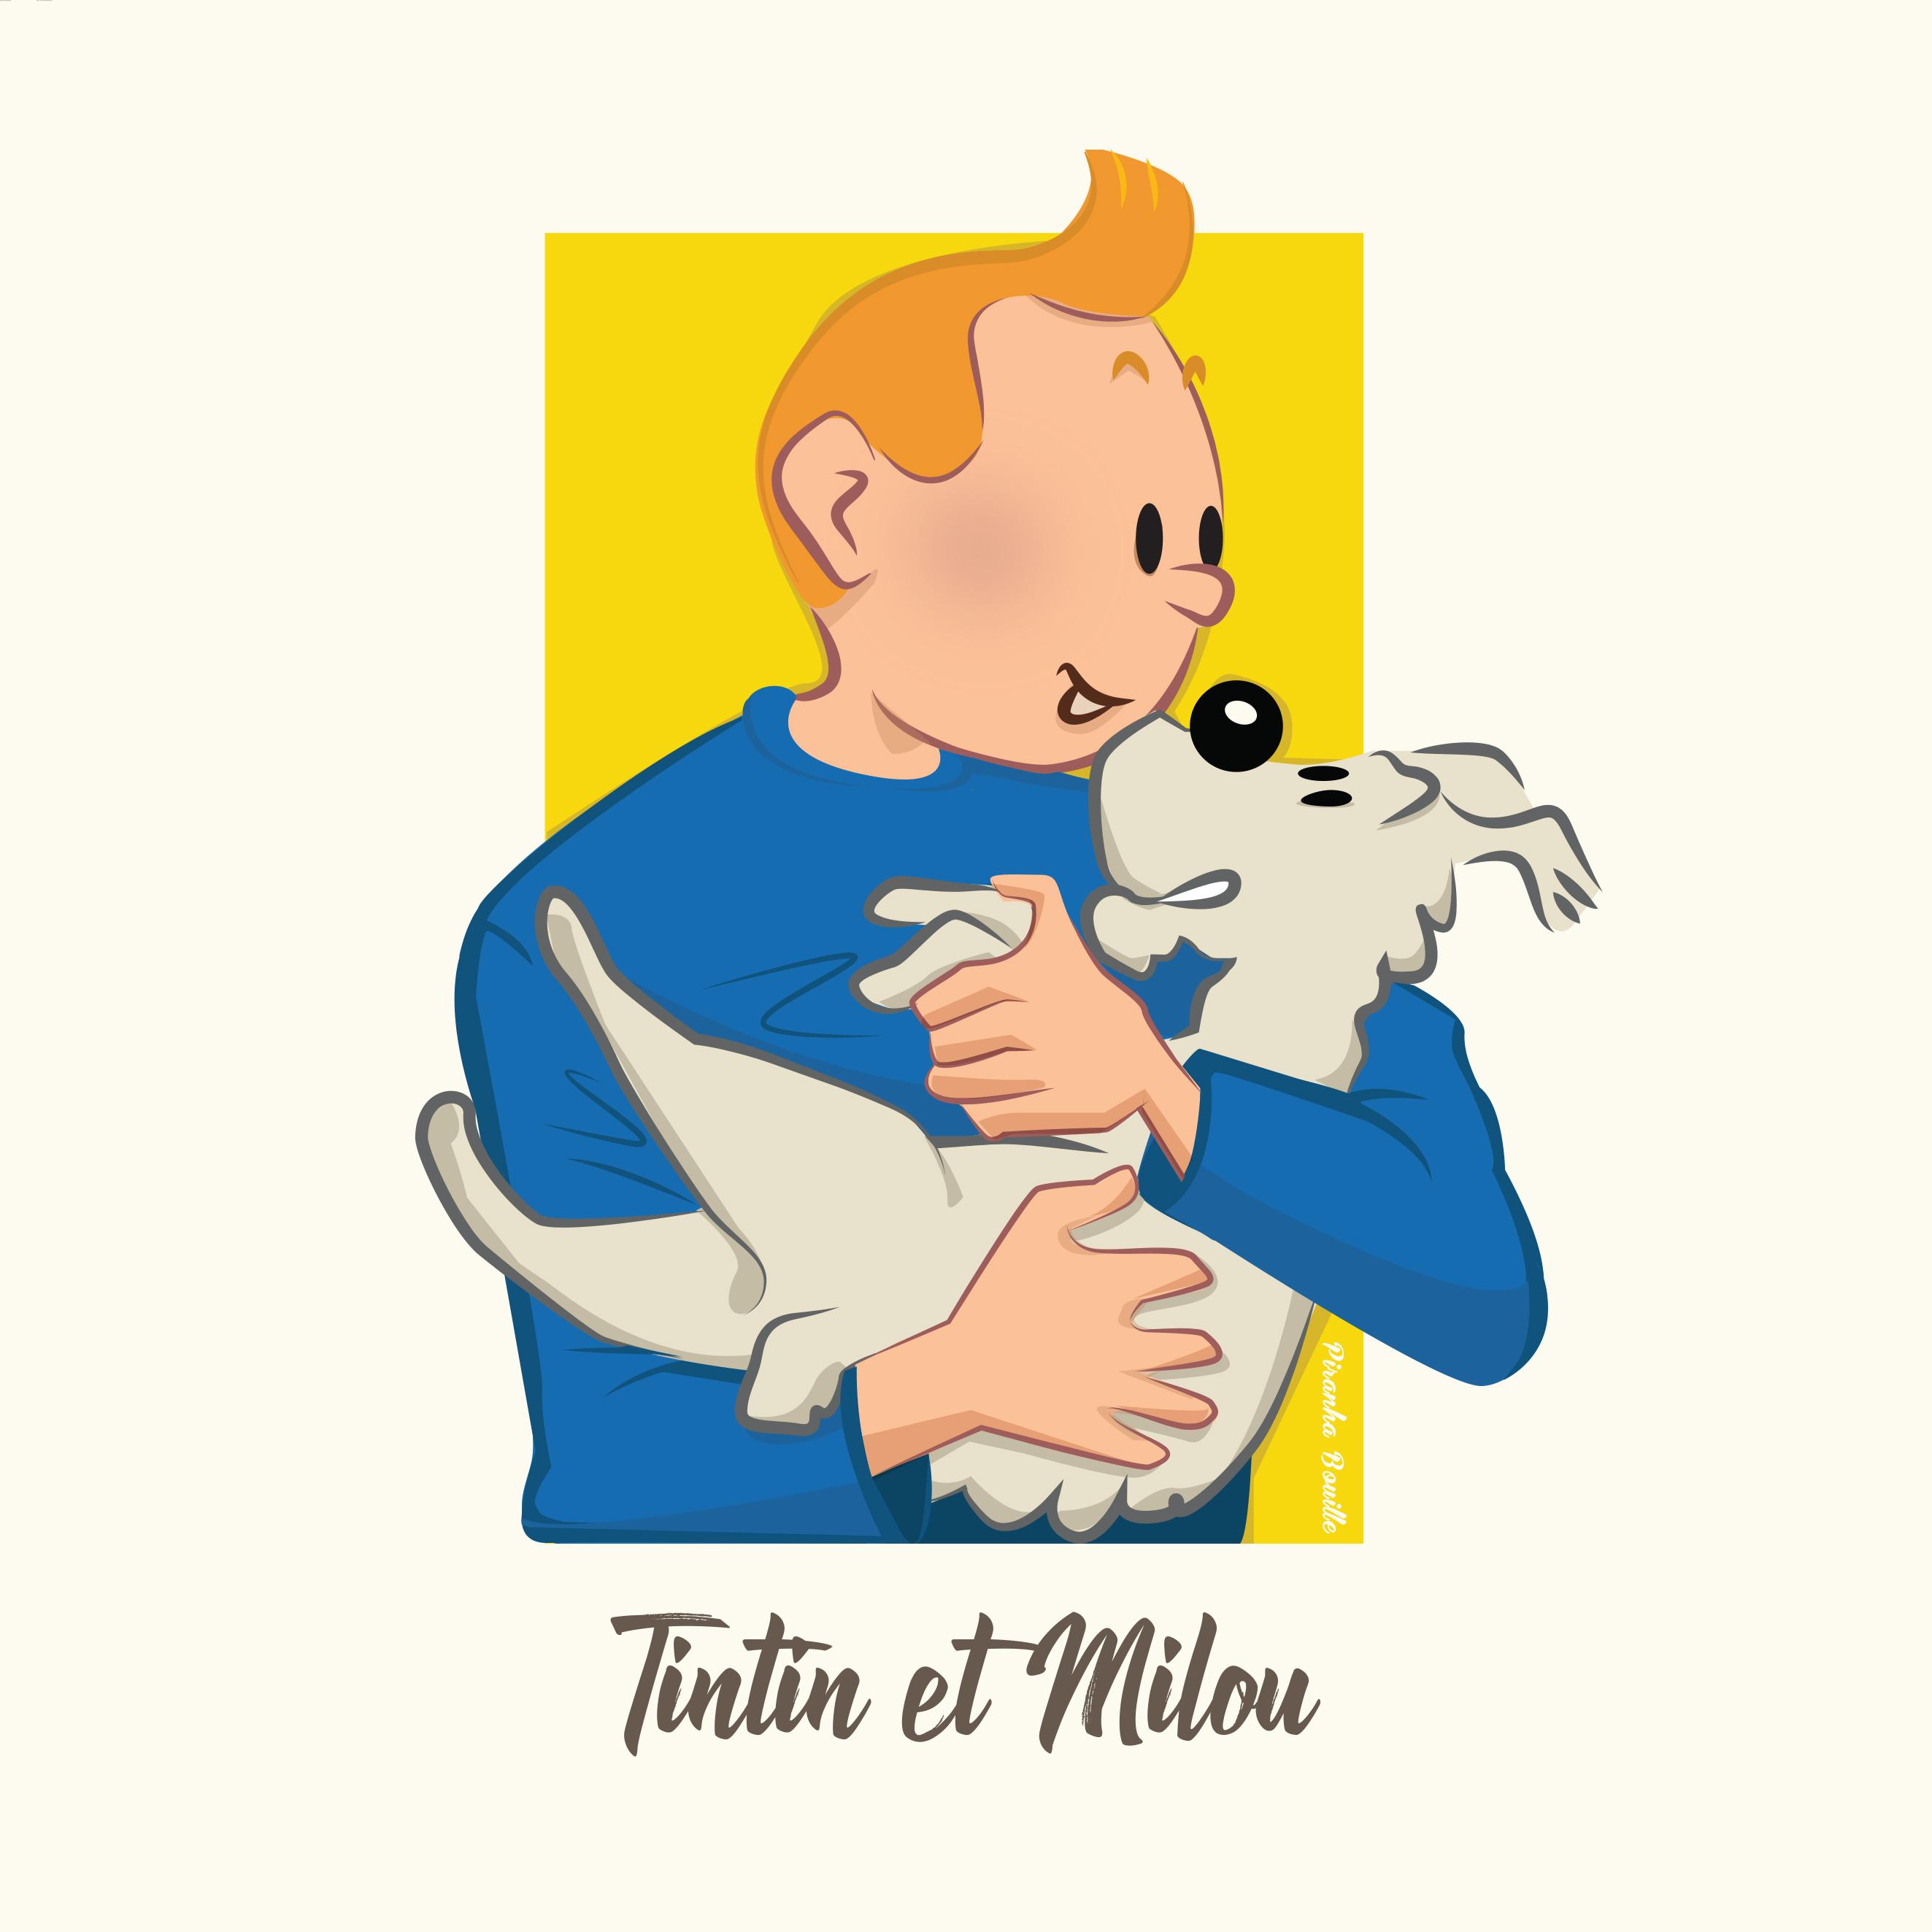 illustration de Tintin et Milou pour le challenge sixfanarts 2020